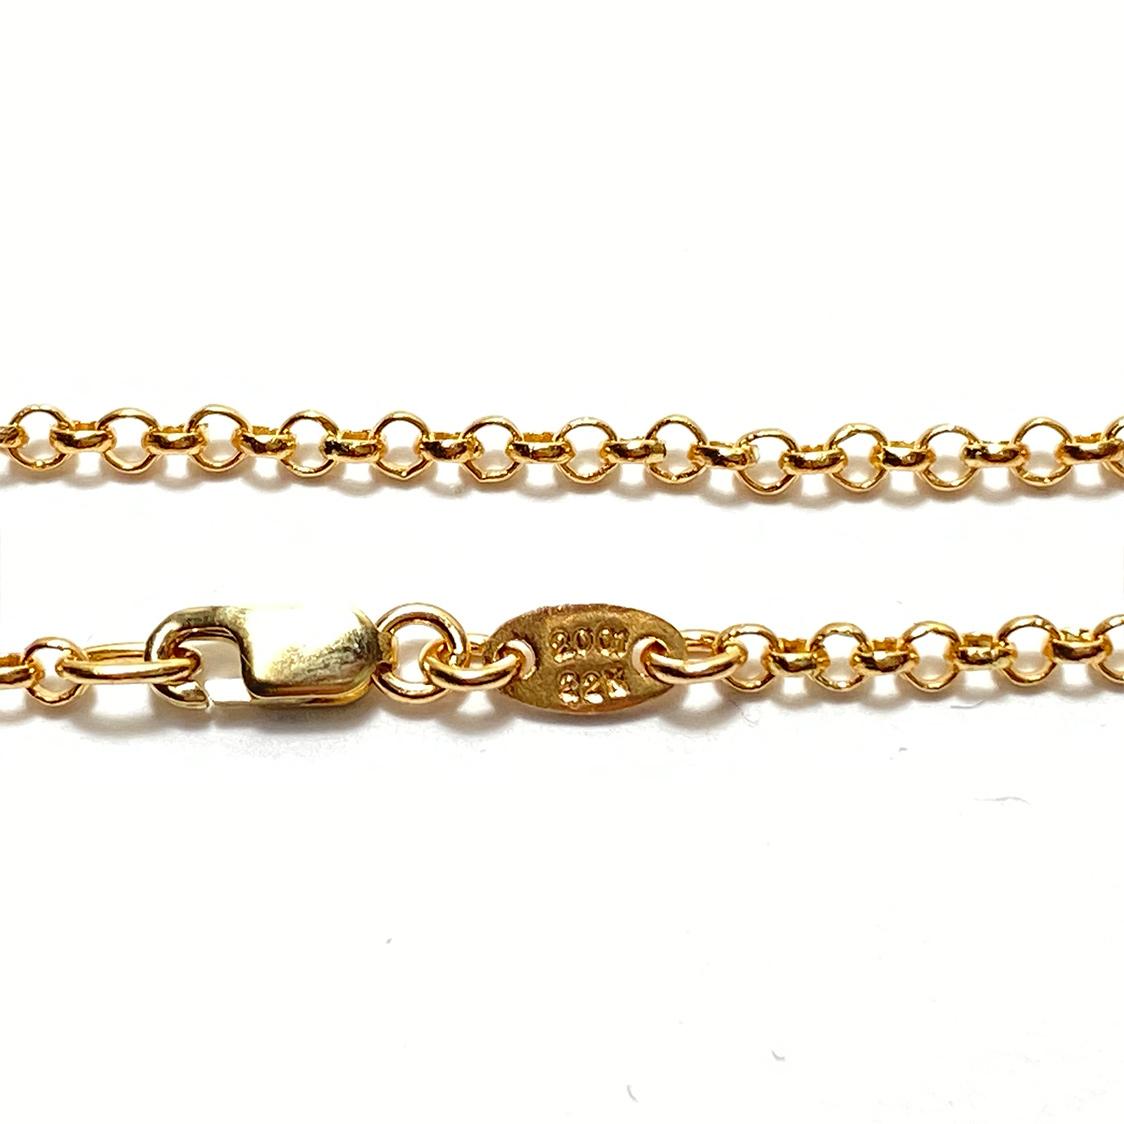 クロムハーツ CHROME HEARTS 22K ロールチェーン 18インチ ネックレス ゴールド 約47cm